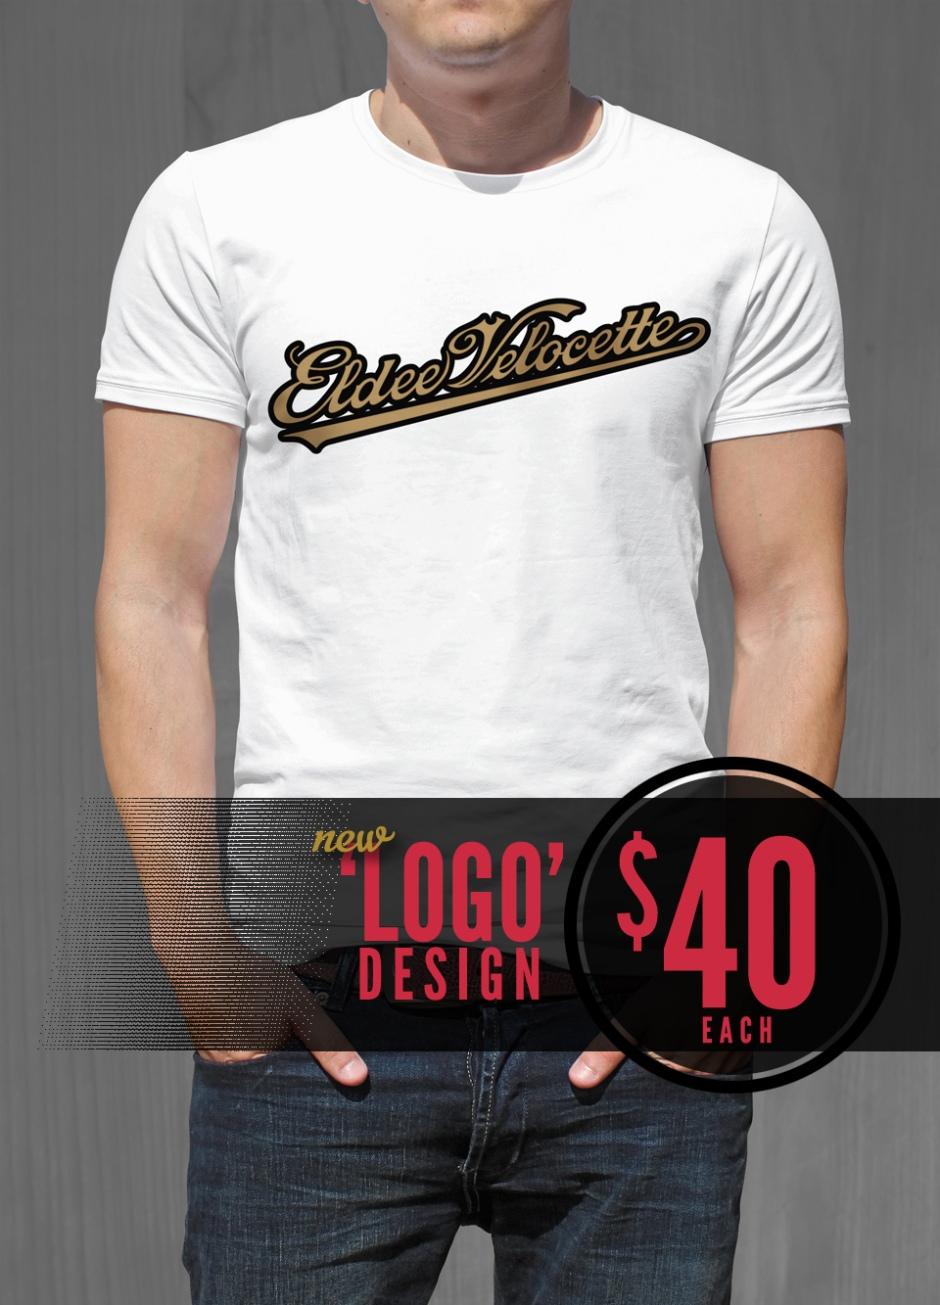 Eldee Velocette, Logo design, t-shirt design, front of white shirt, Velocette Racing New Zealand, MagentaDot Brands.